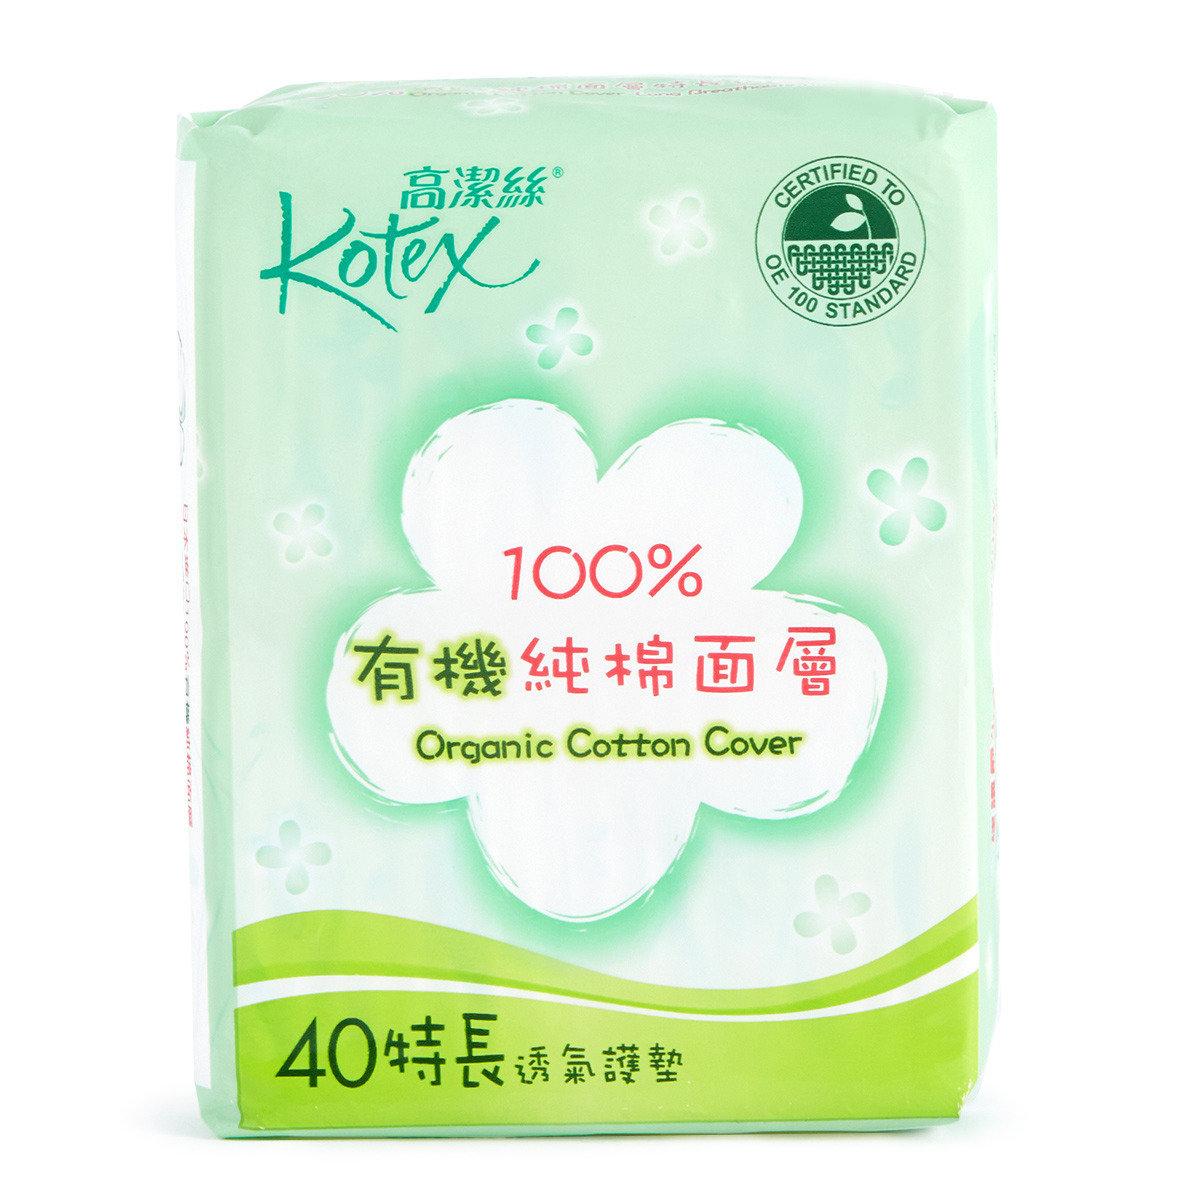 100%有機純棉護墊 (特長)